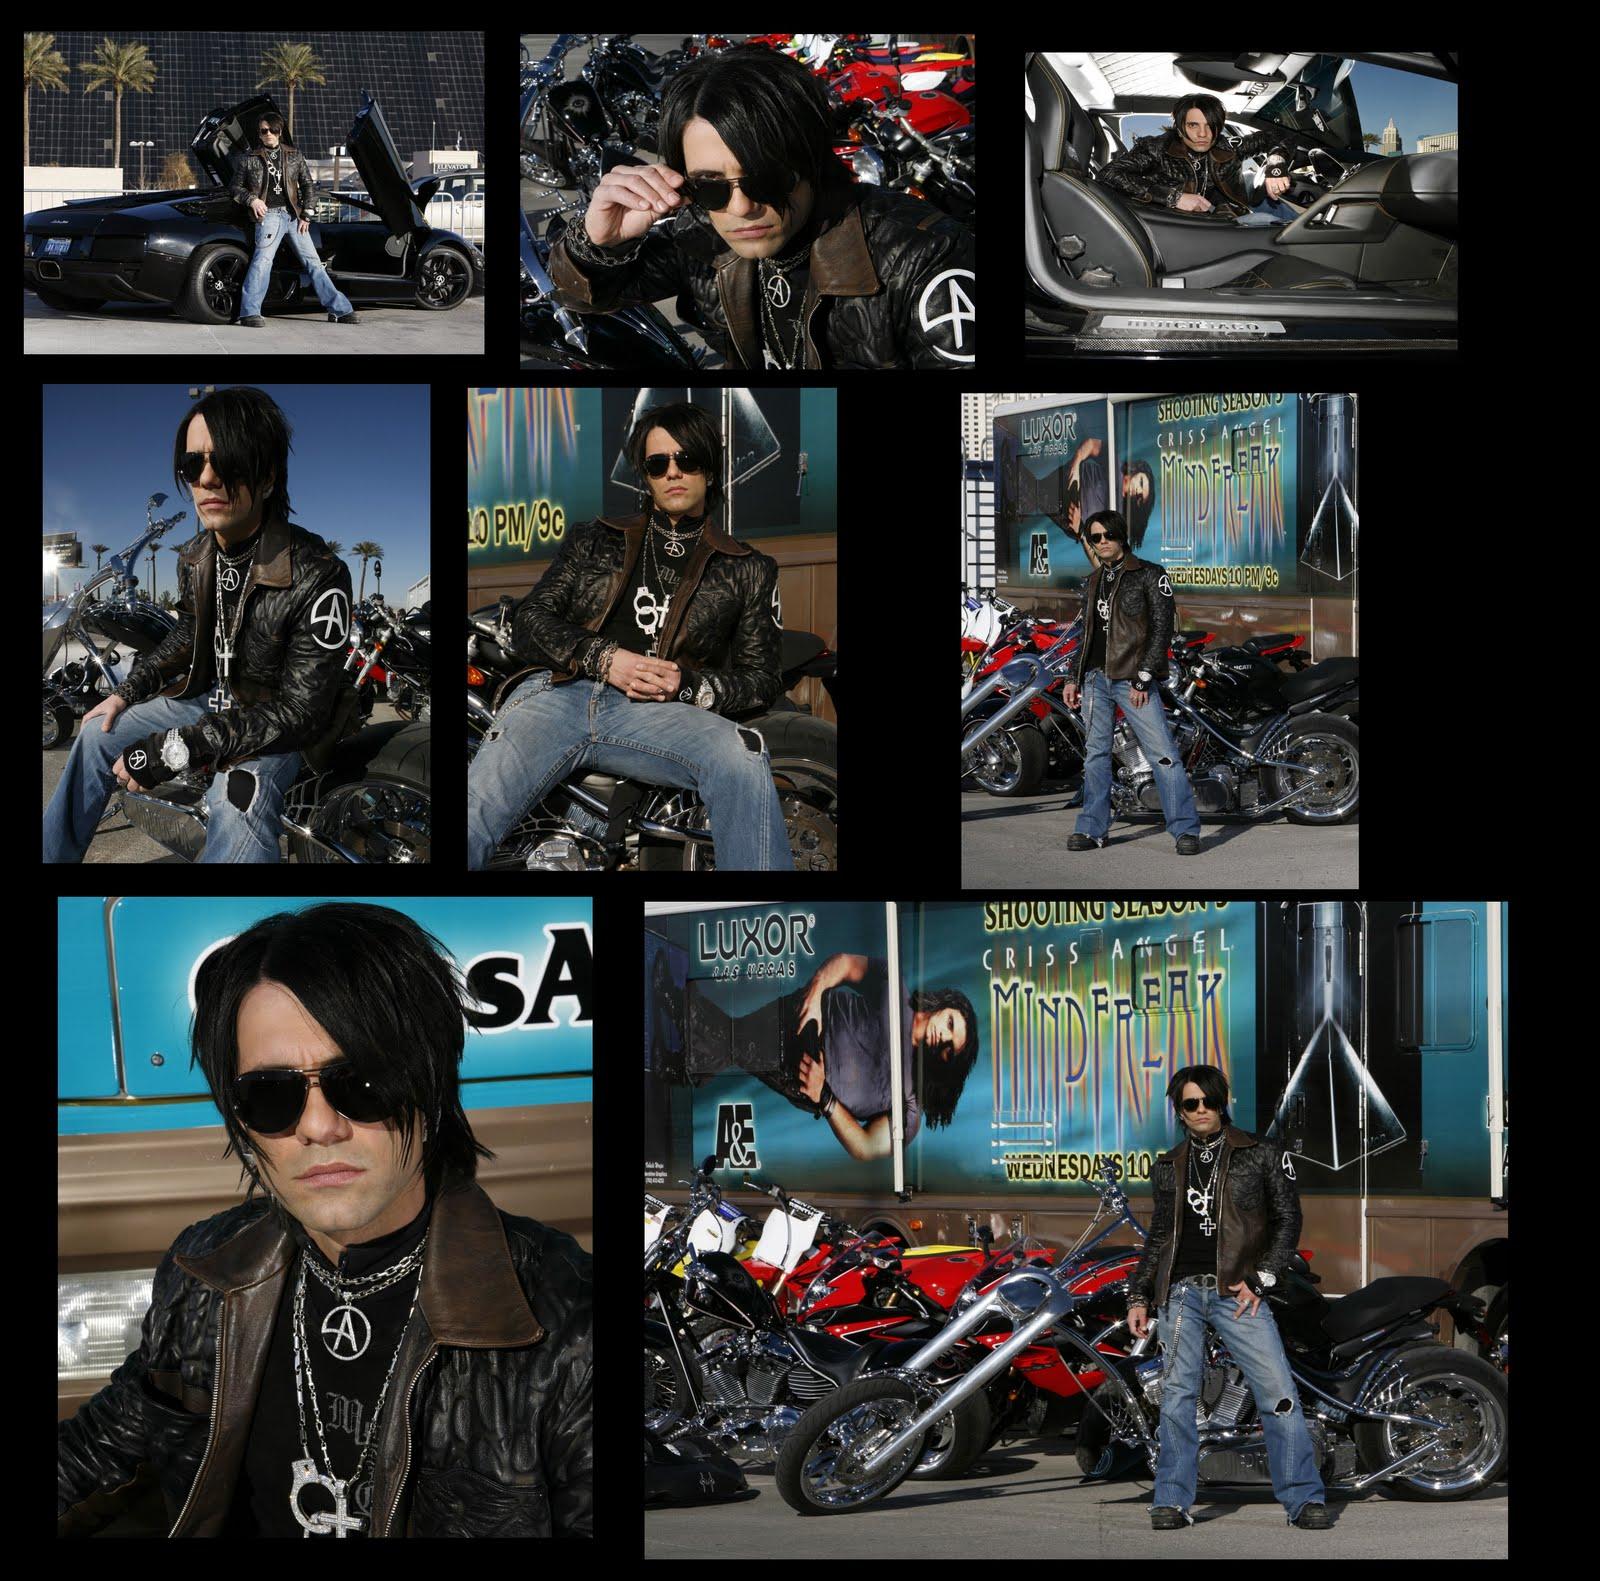 http://2.bp.blogspot.com/-GR0OFfW_uRw/TcAHoPVL2gI/AAAAAAAAADA/CKgMyoK7baQ/s1600/Criss+Angel+mind+freak.jpg